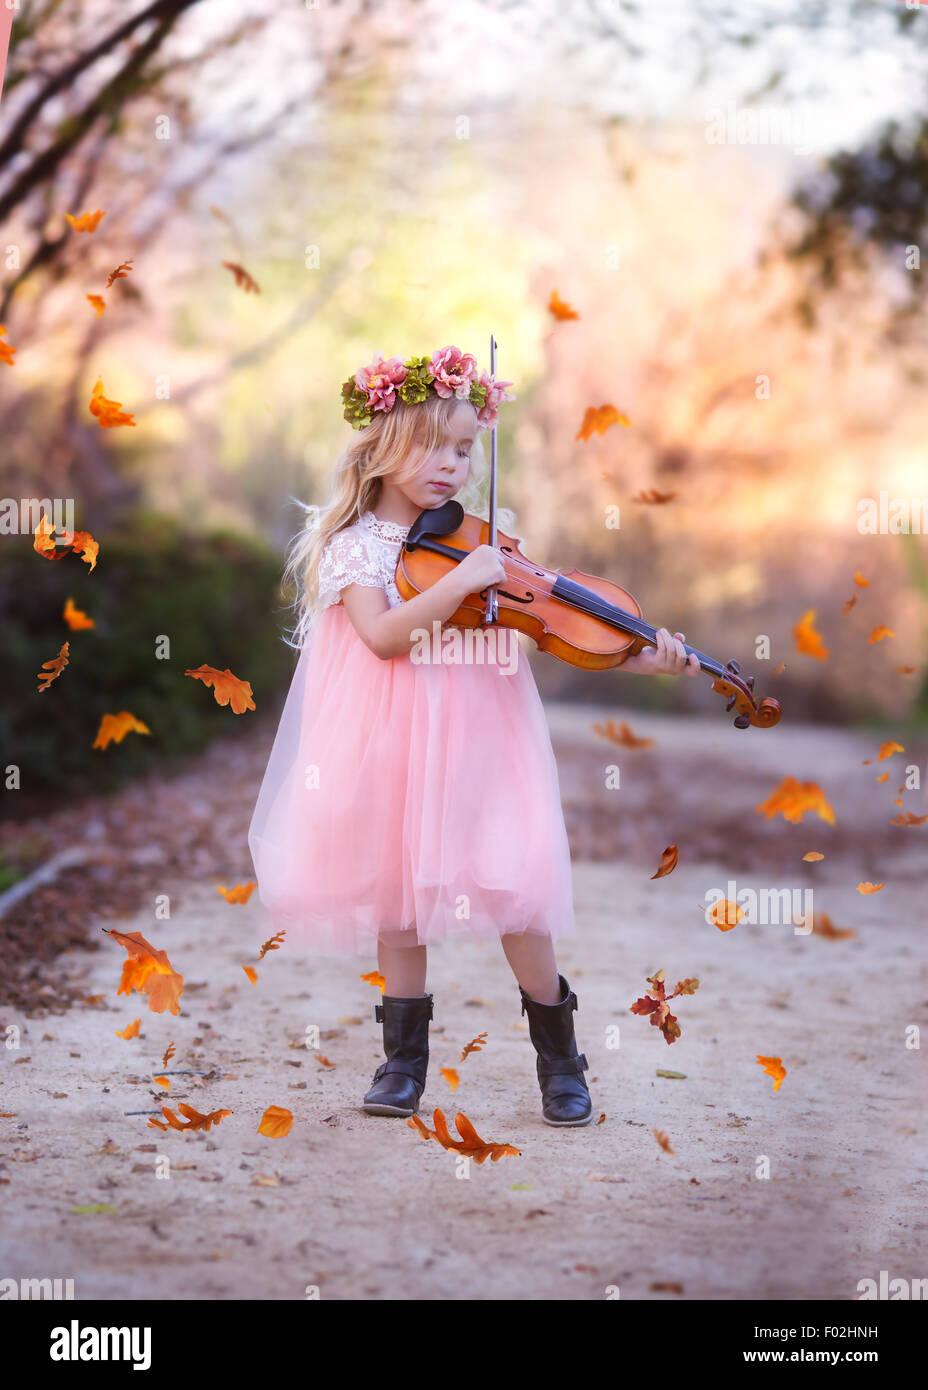 Chica de pie en la carretera tocando el violín con hojas cayendo por todo el mundo, California, EE.UU Foto de stock